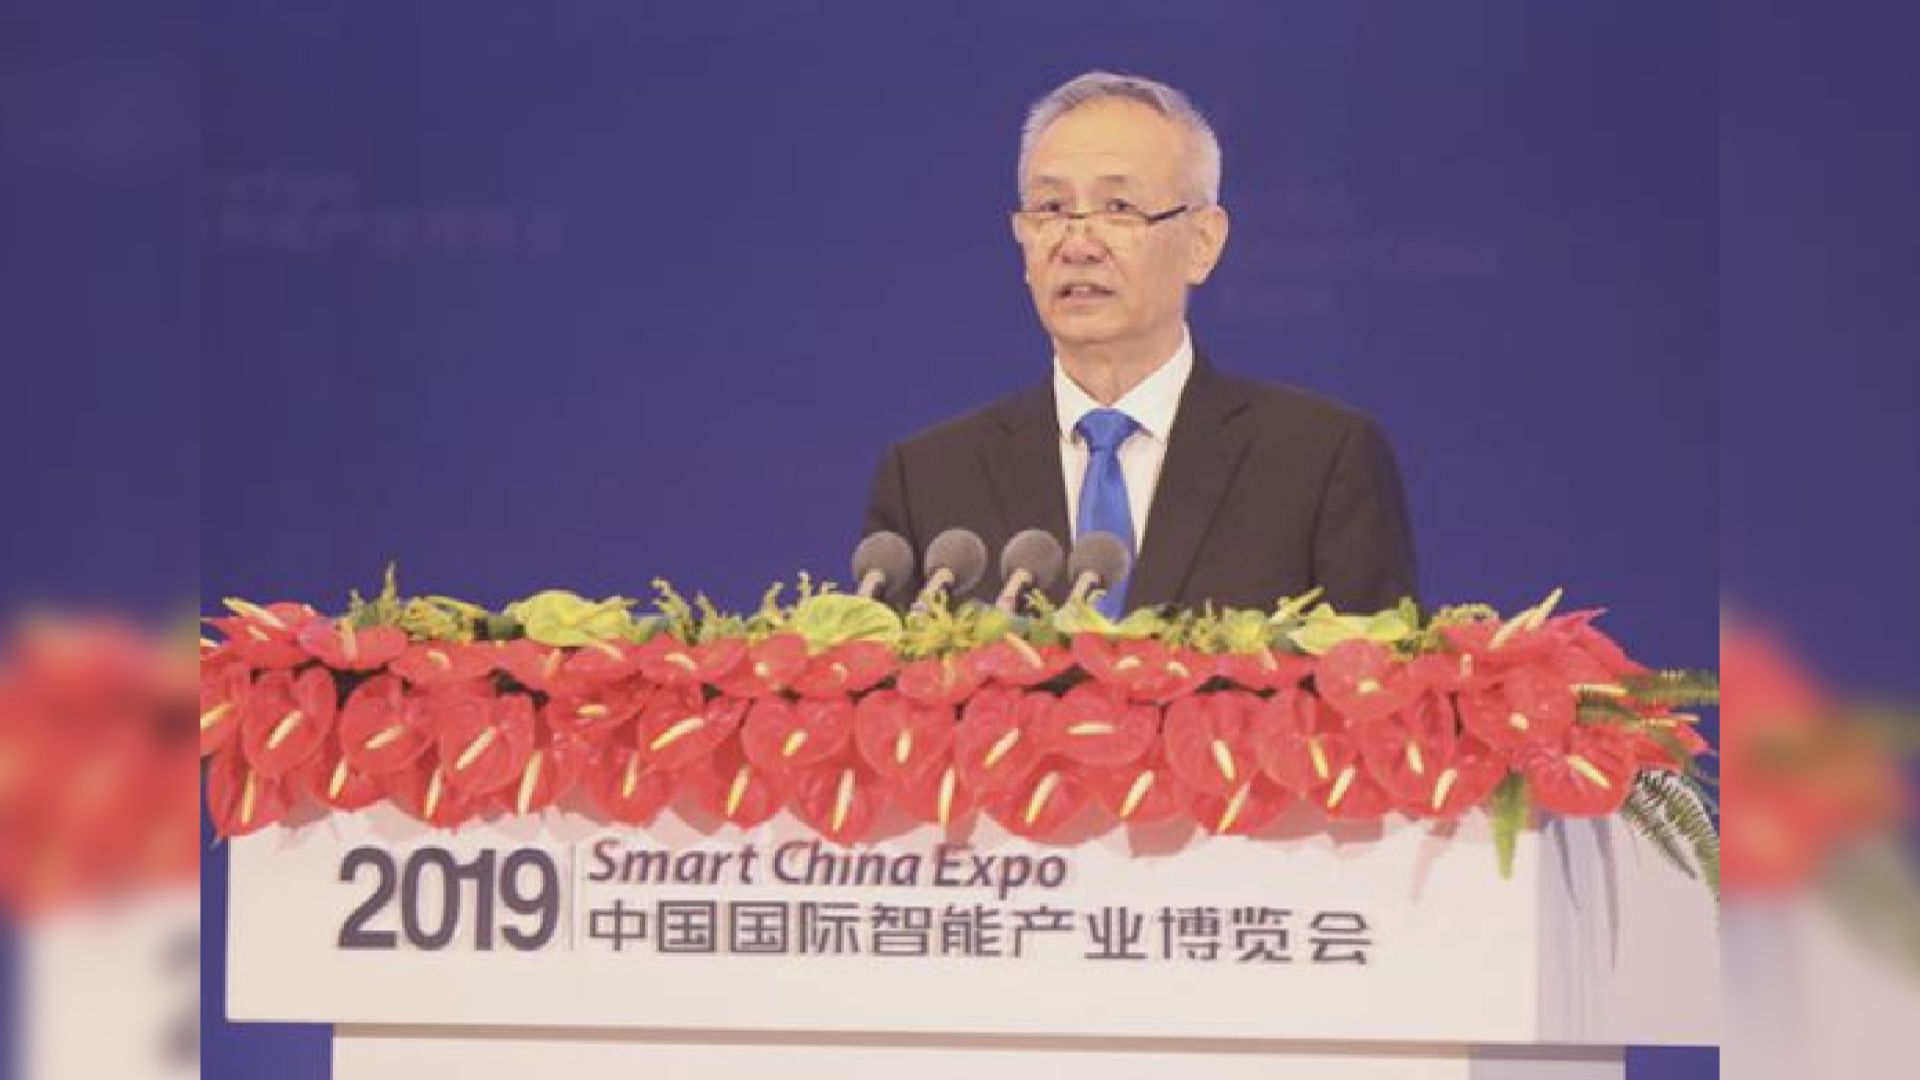 【中美貿戰】反對升級!劉鶴:中國願冷靜磋商